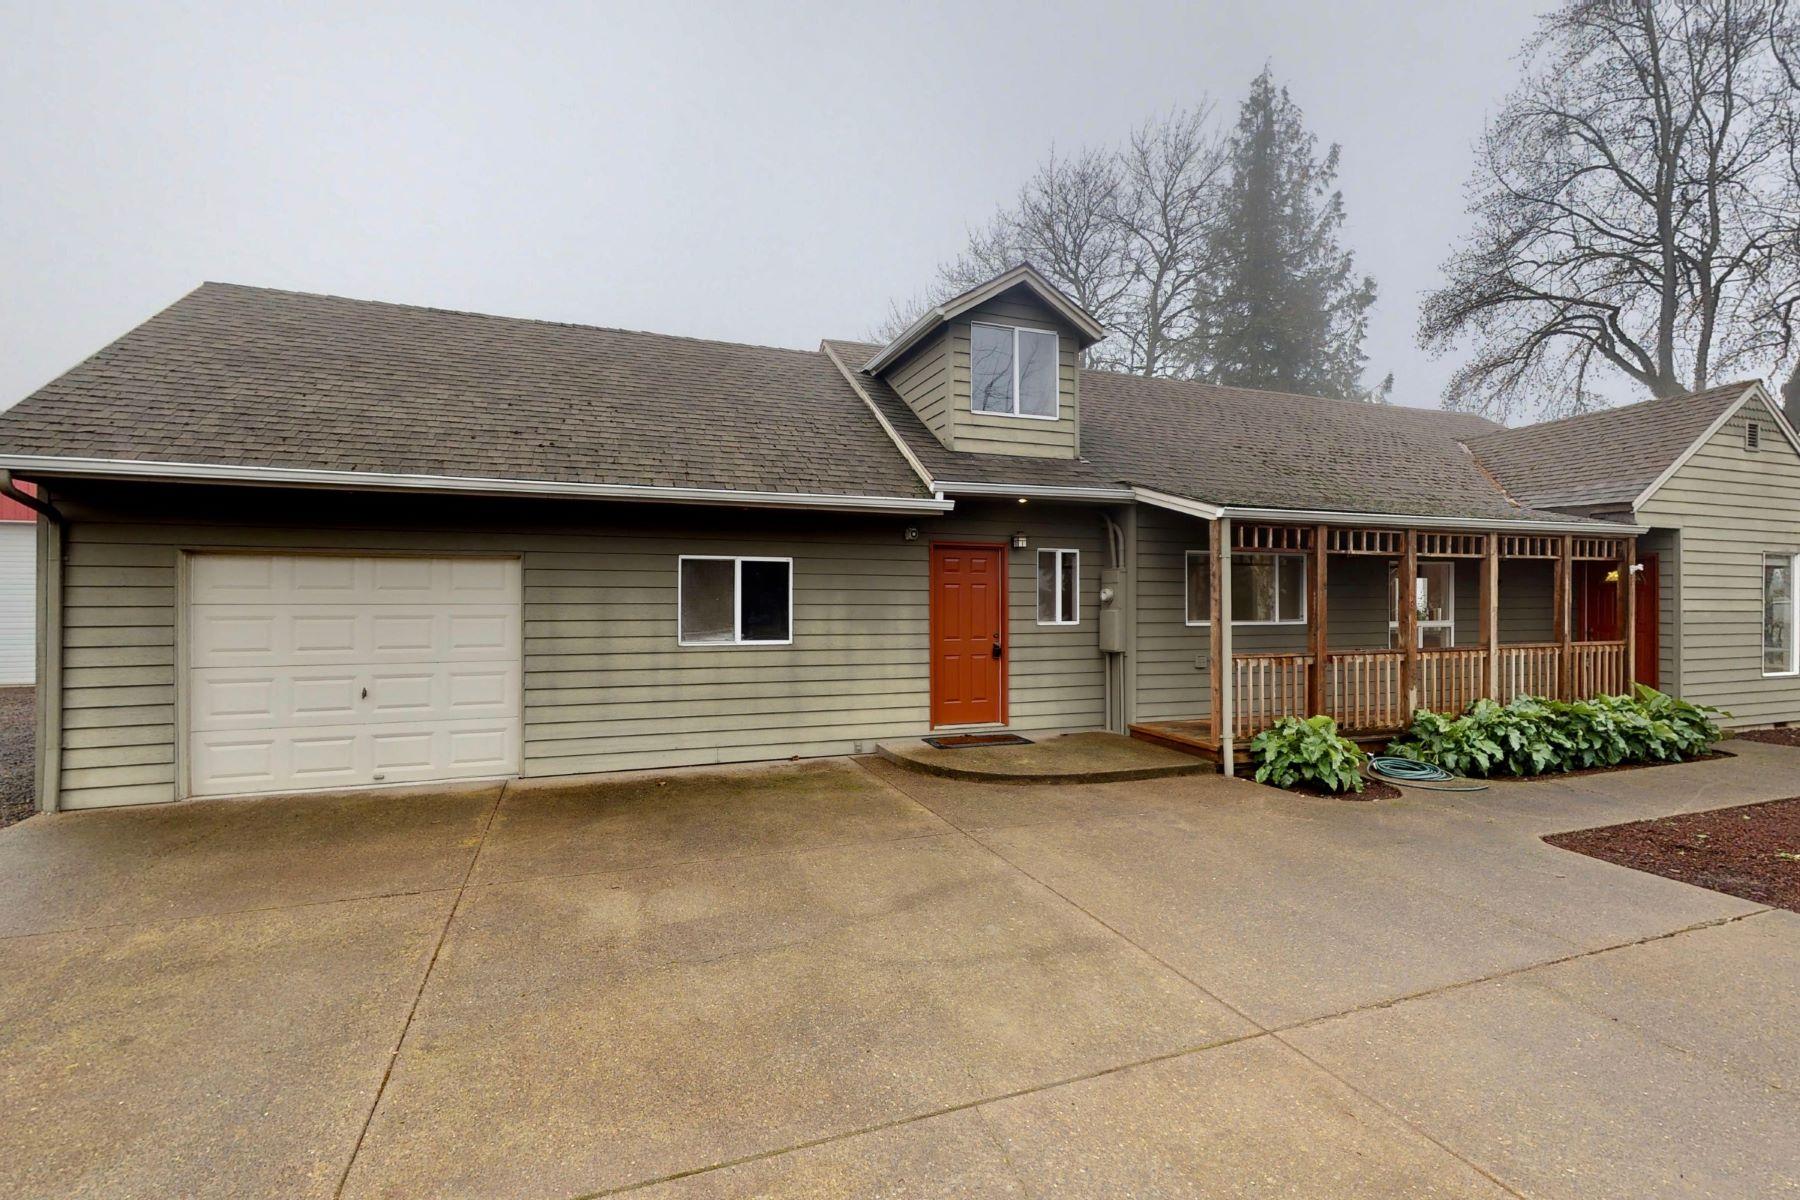 Single Family Homes para Venda às A Change of Pace from City Life 14692 River Rd NE, Gervais, Oregon 97026 Estados Unidos